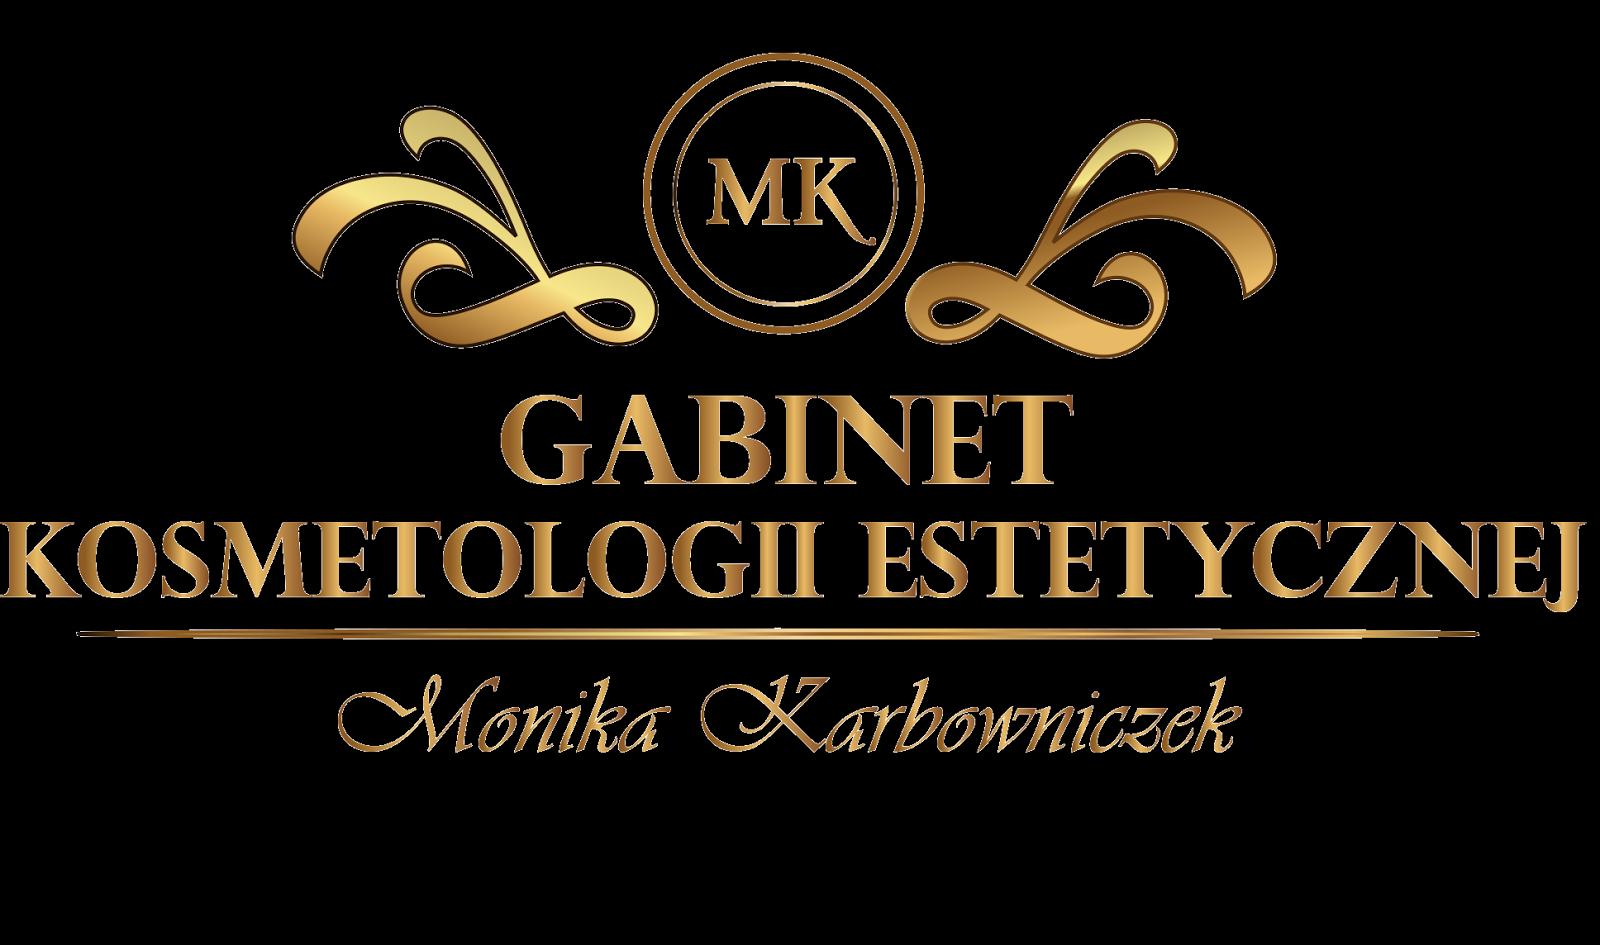 Zabieg kwasem migdałowym | Gabinet Kosmetologii Estetycznej